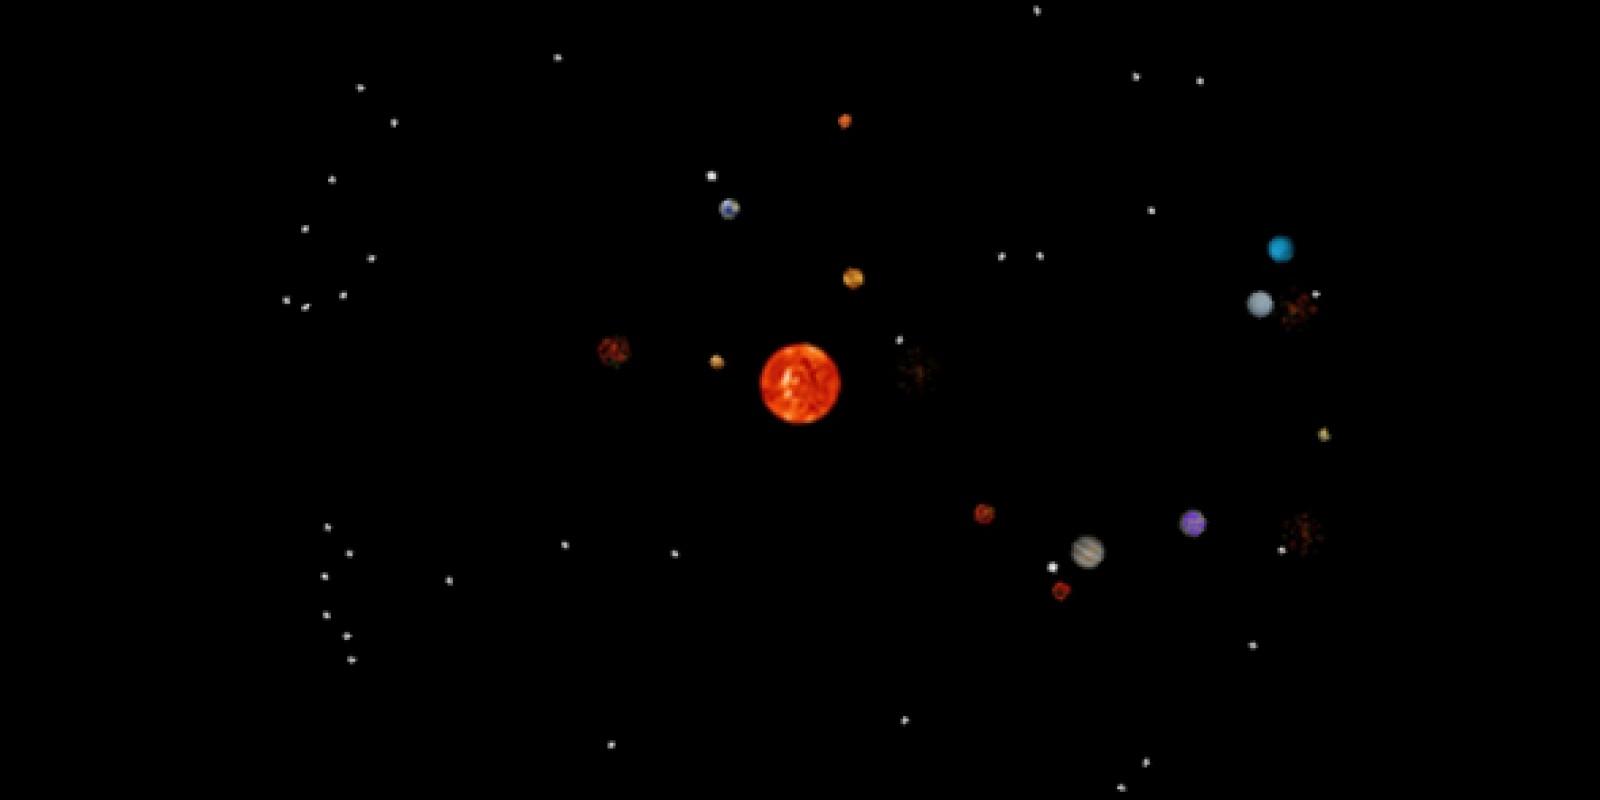 solar system ios - photo #3